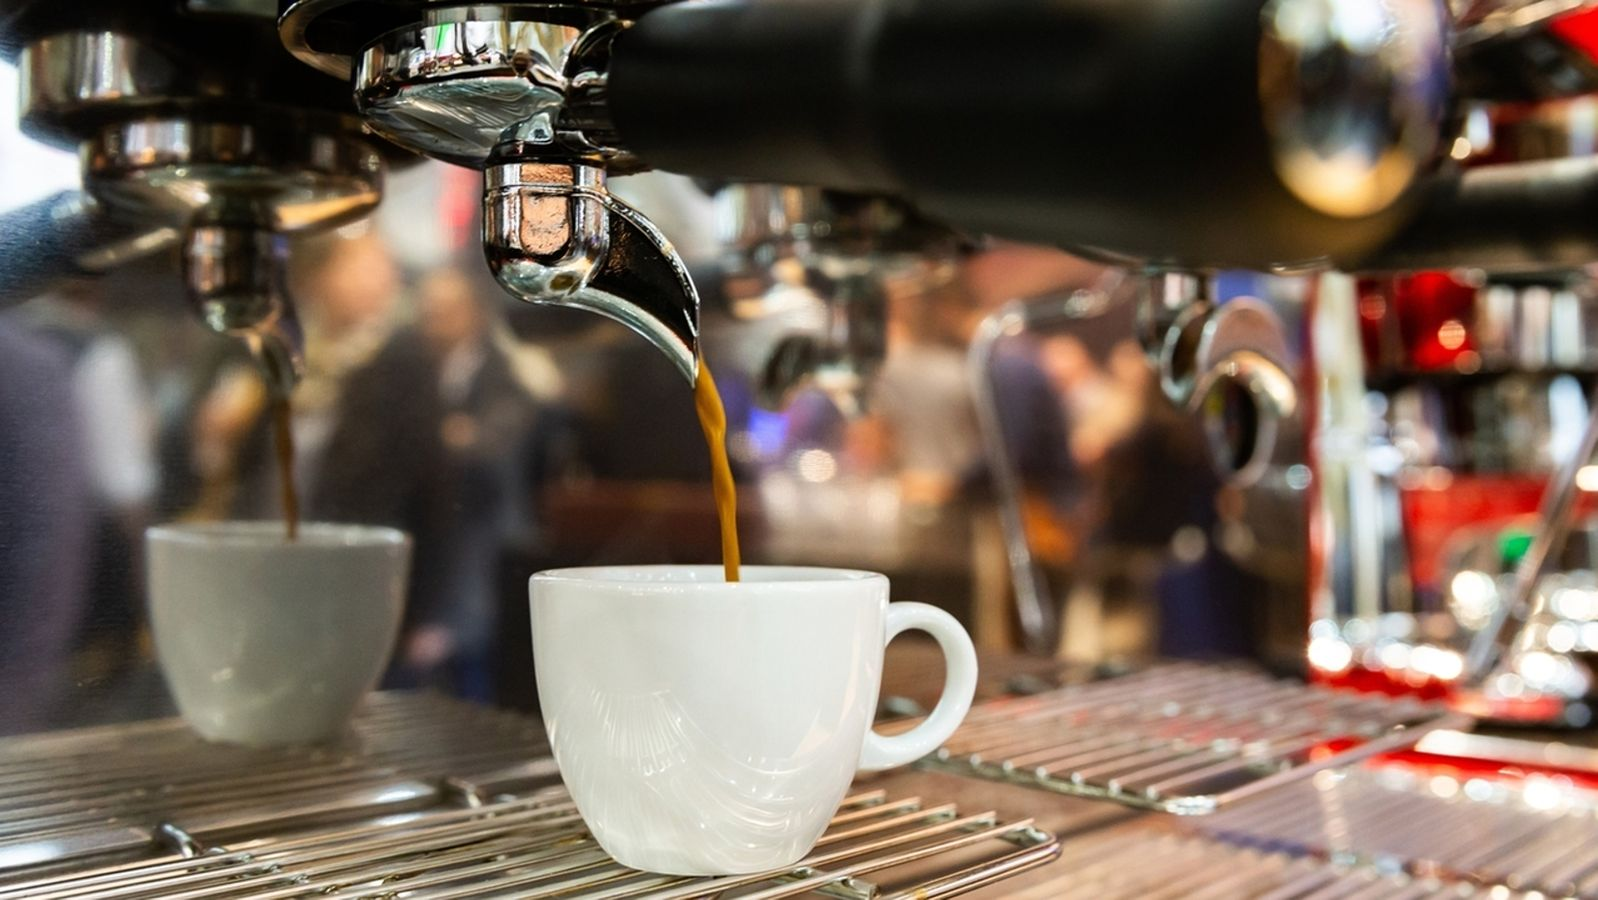 Mathe-Formel oder Mäuse-Schwänzchen: Für den perfekten Espresso